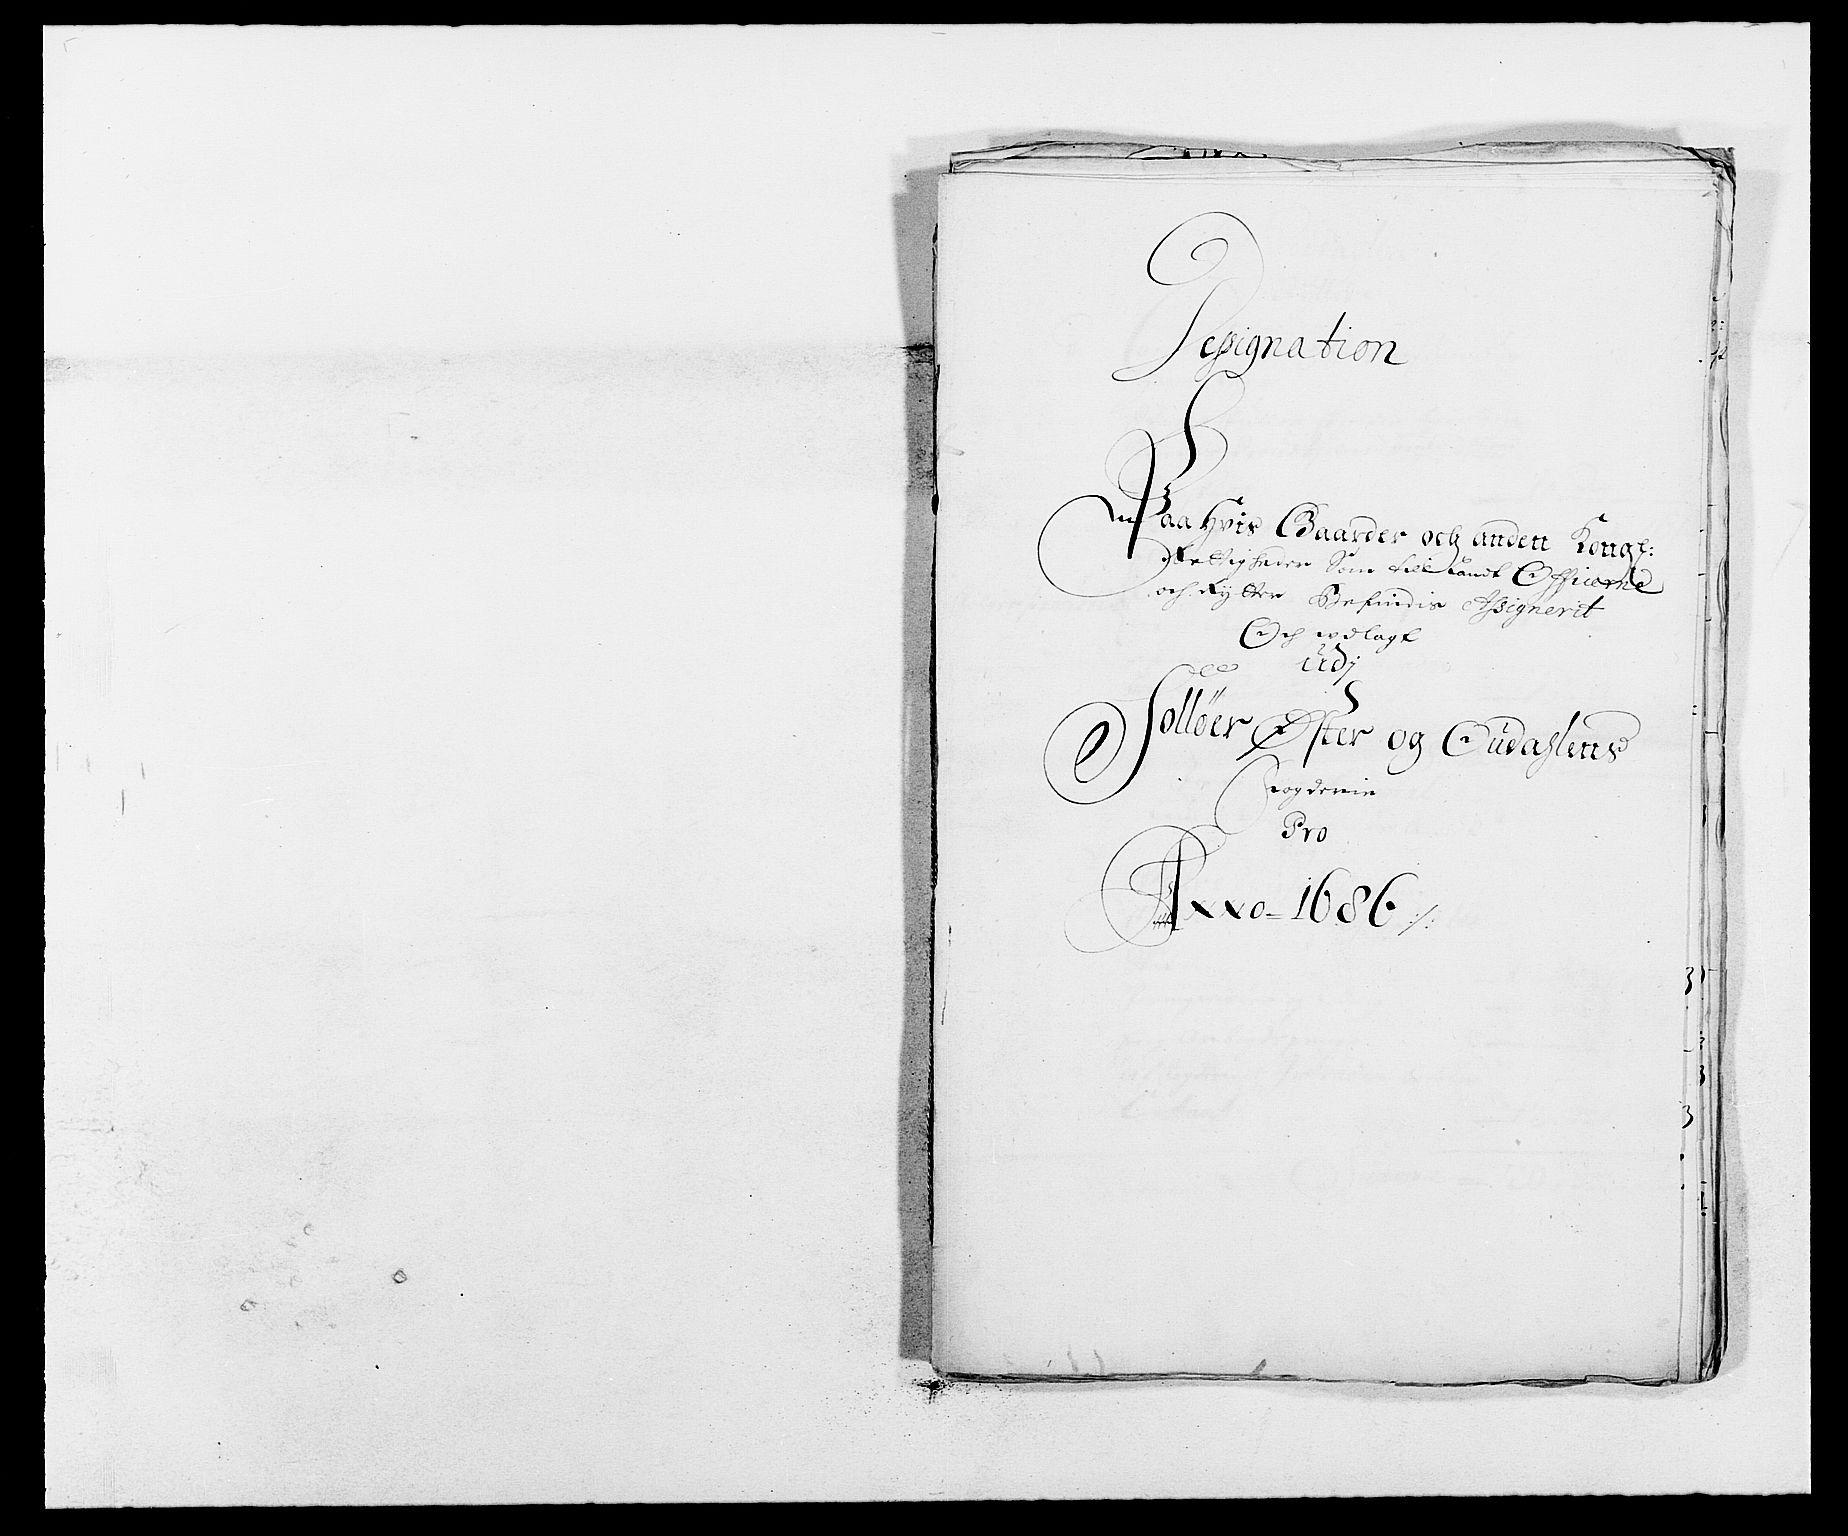 RA, Rentekammeret inntil 1814, Reviderte regnskaper, Fogderegnskap, R13/L0823: Fogderegnskap Solør, Odal og Østerdal, 1686, s. 269